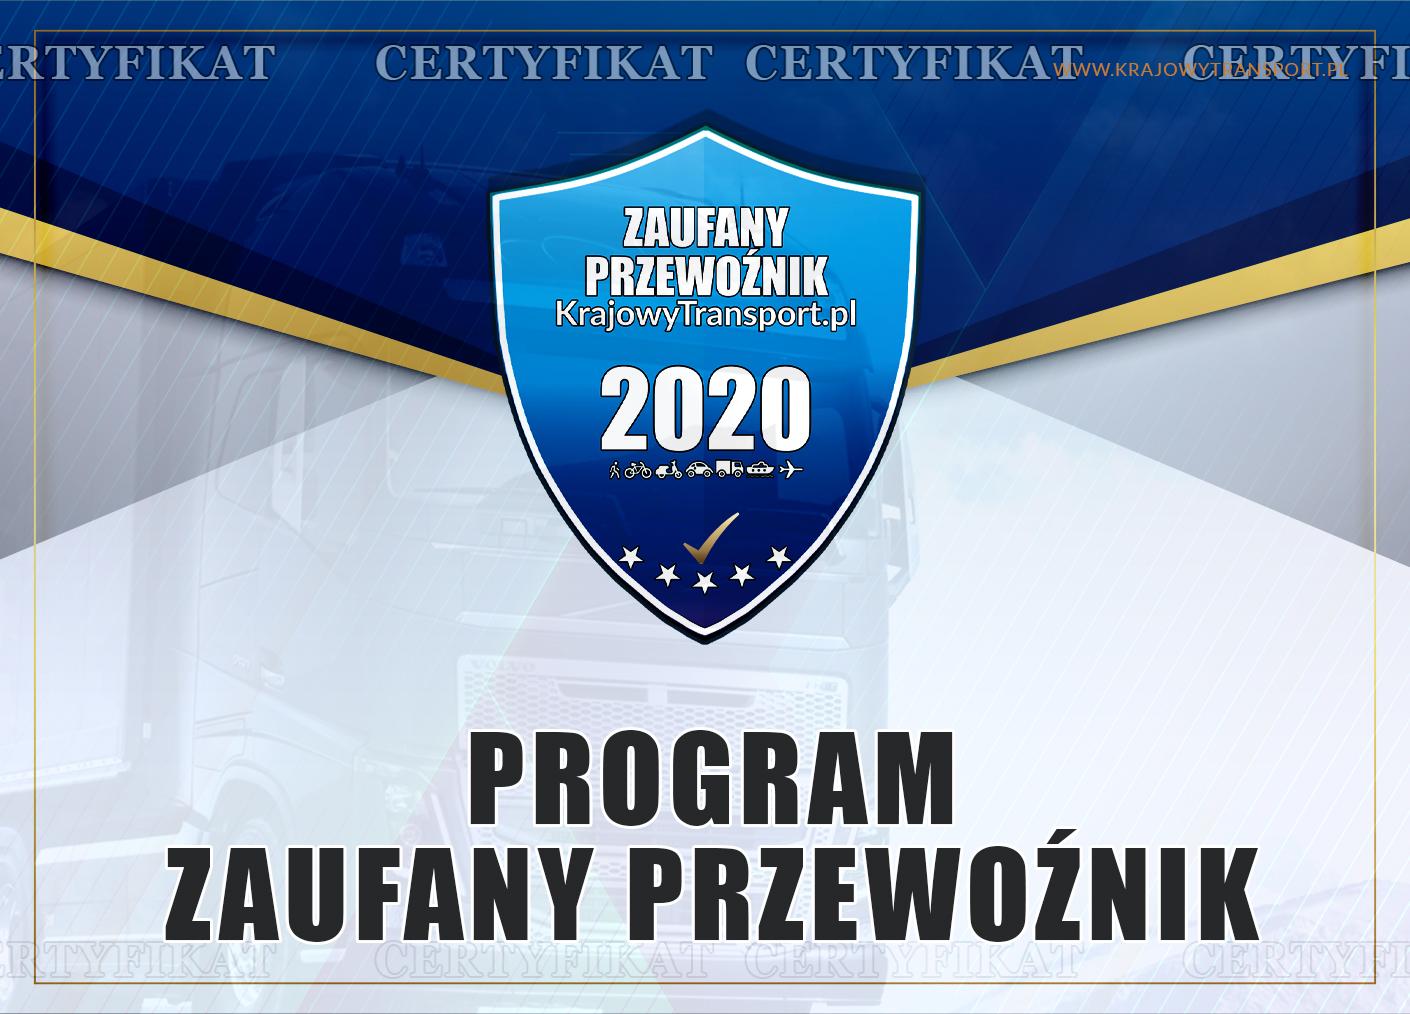 https://krajowytransport.pl/images/zdjd/certyfikat19.jpg